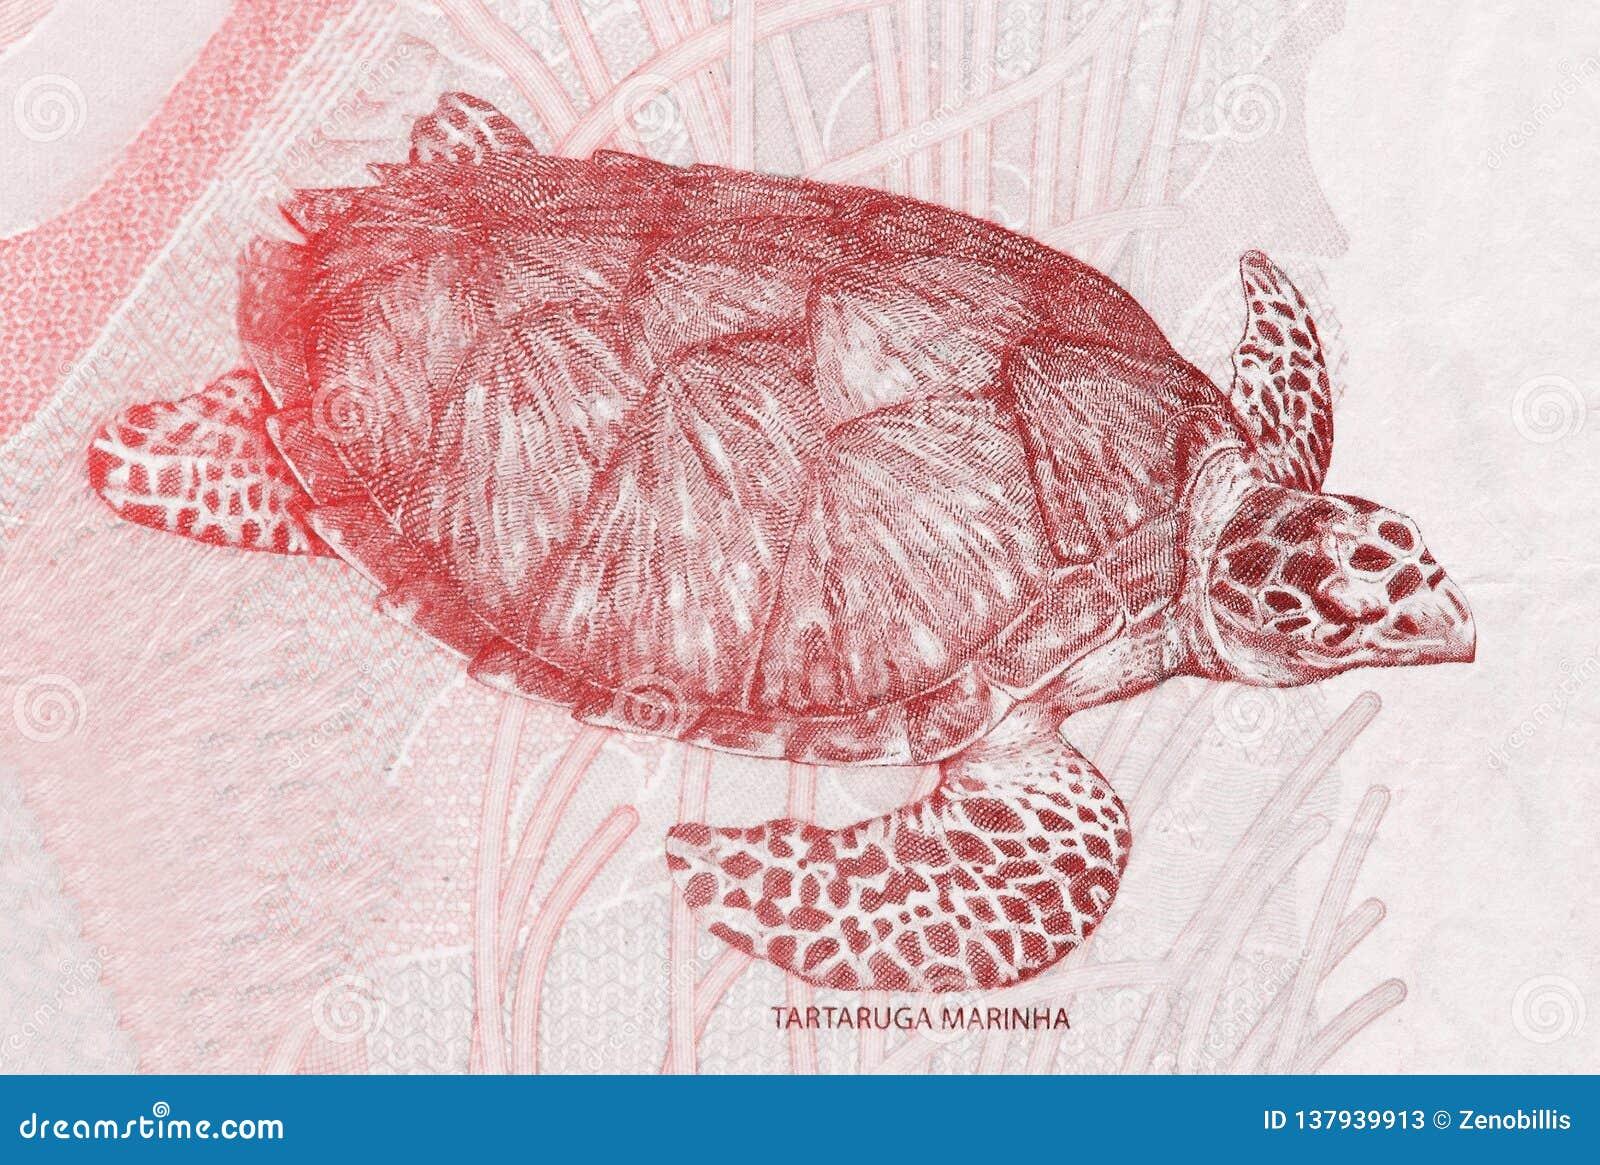 Hawksbillzeeschildpad op het fragment van twee Braziliaans echt bankbiljetclose-up